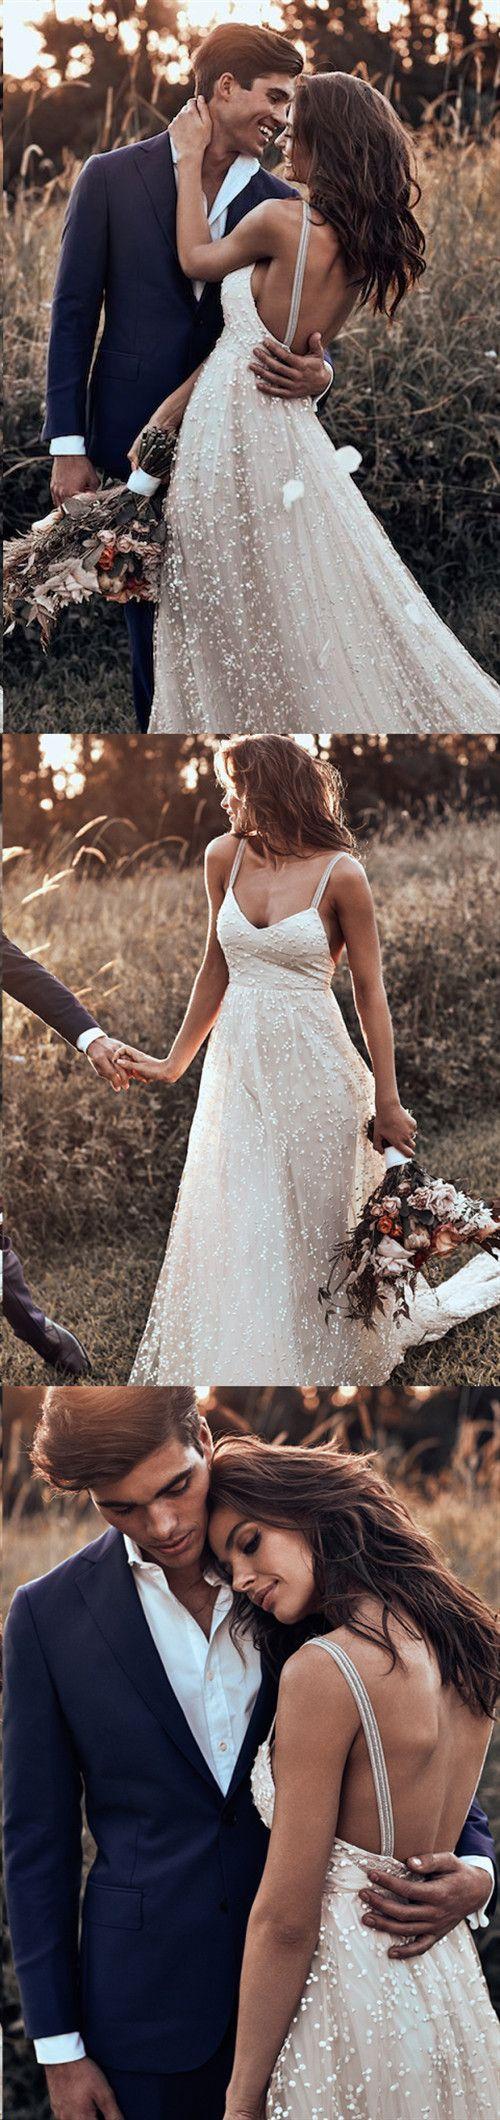 Sparkly Wedding Dress Sexy rückenfreie Spaghetti-Träger Rustikale Brautkleider JKL238 – Brautkleider